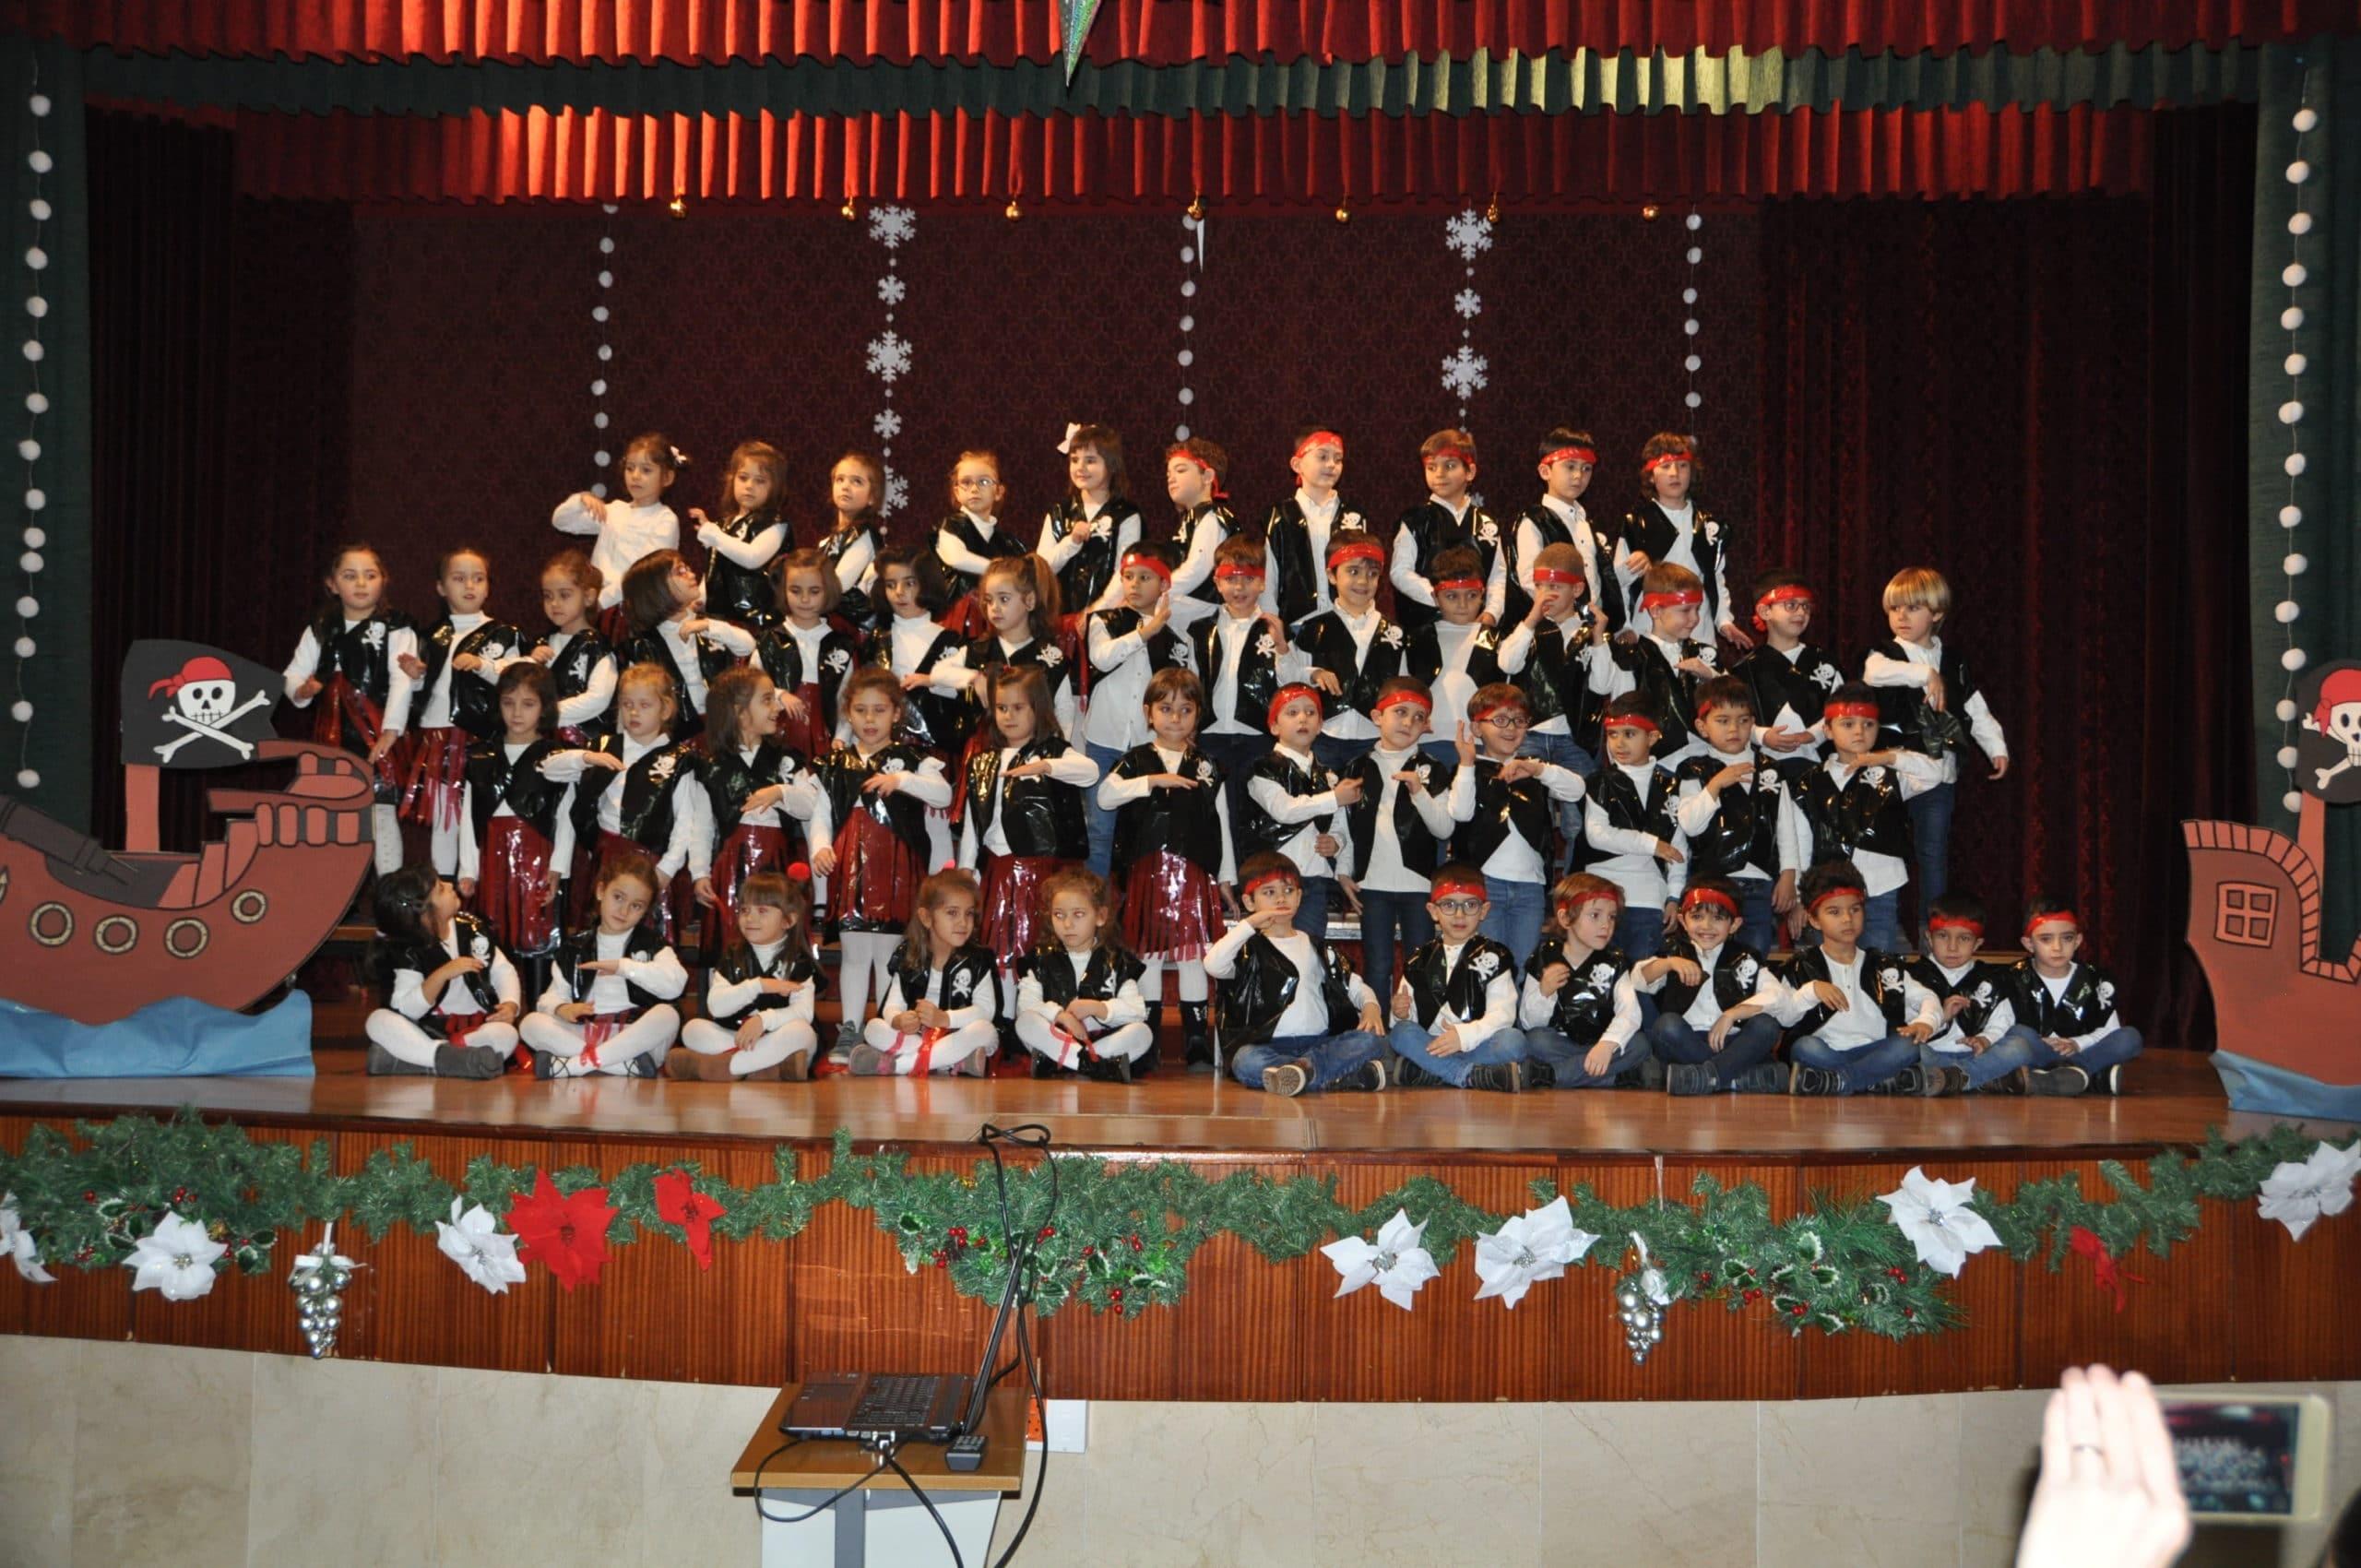 Festival de Villancicos de los alumnos de 3º de Educación Infantil del Colegio Blanca de Castilla